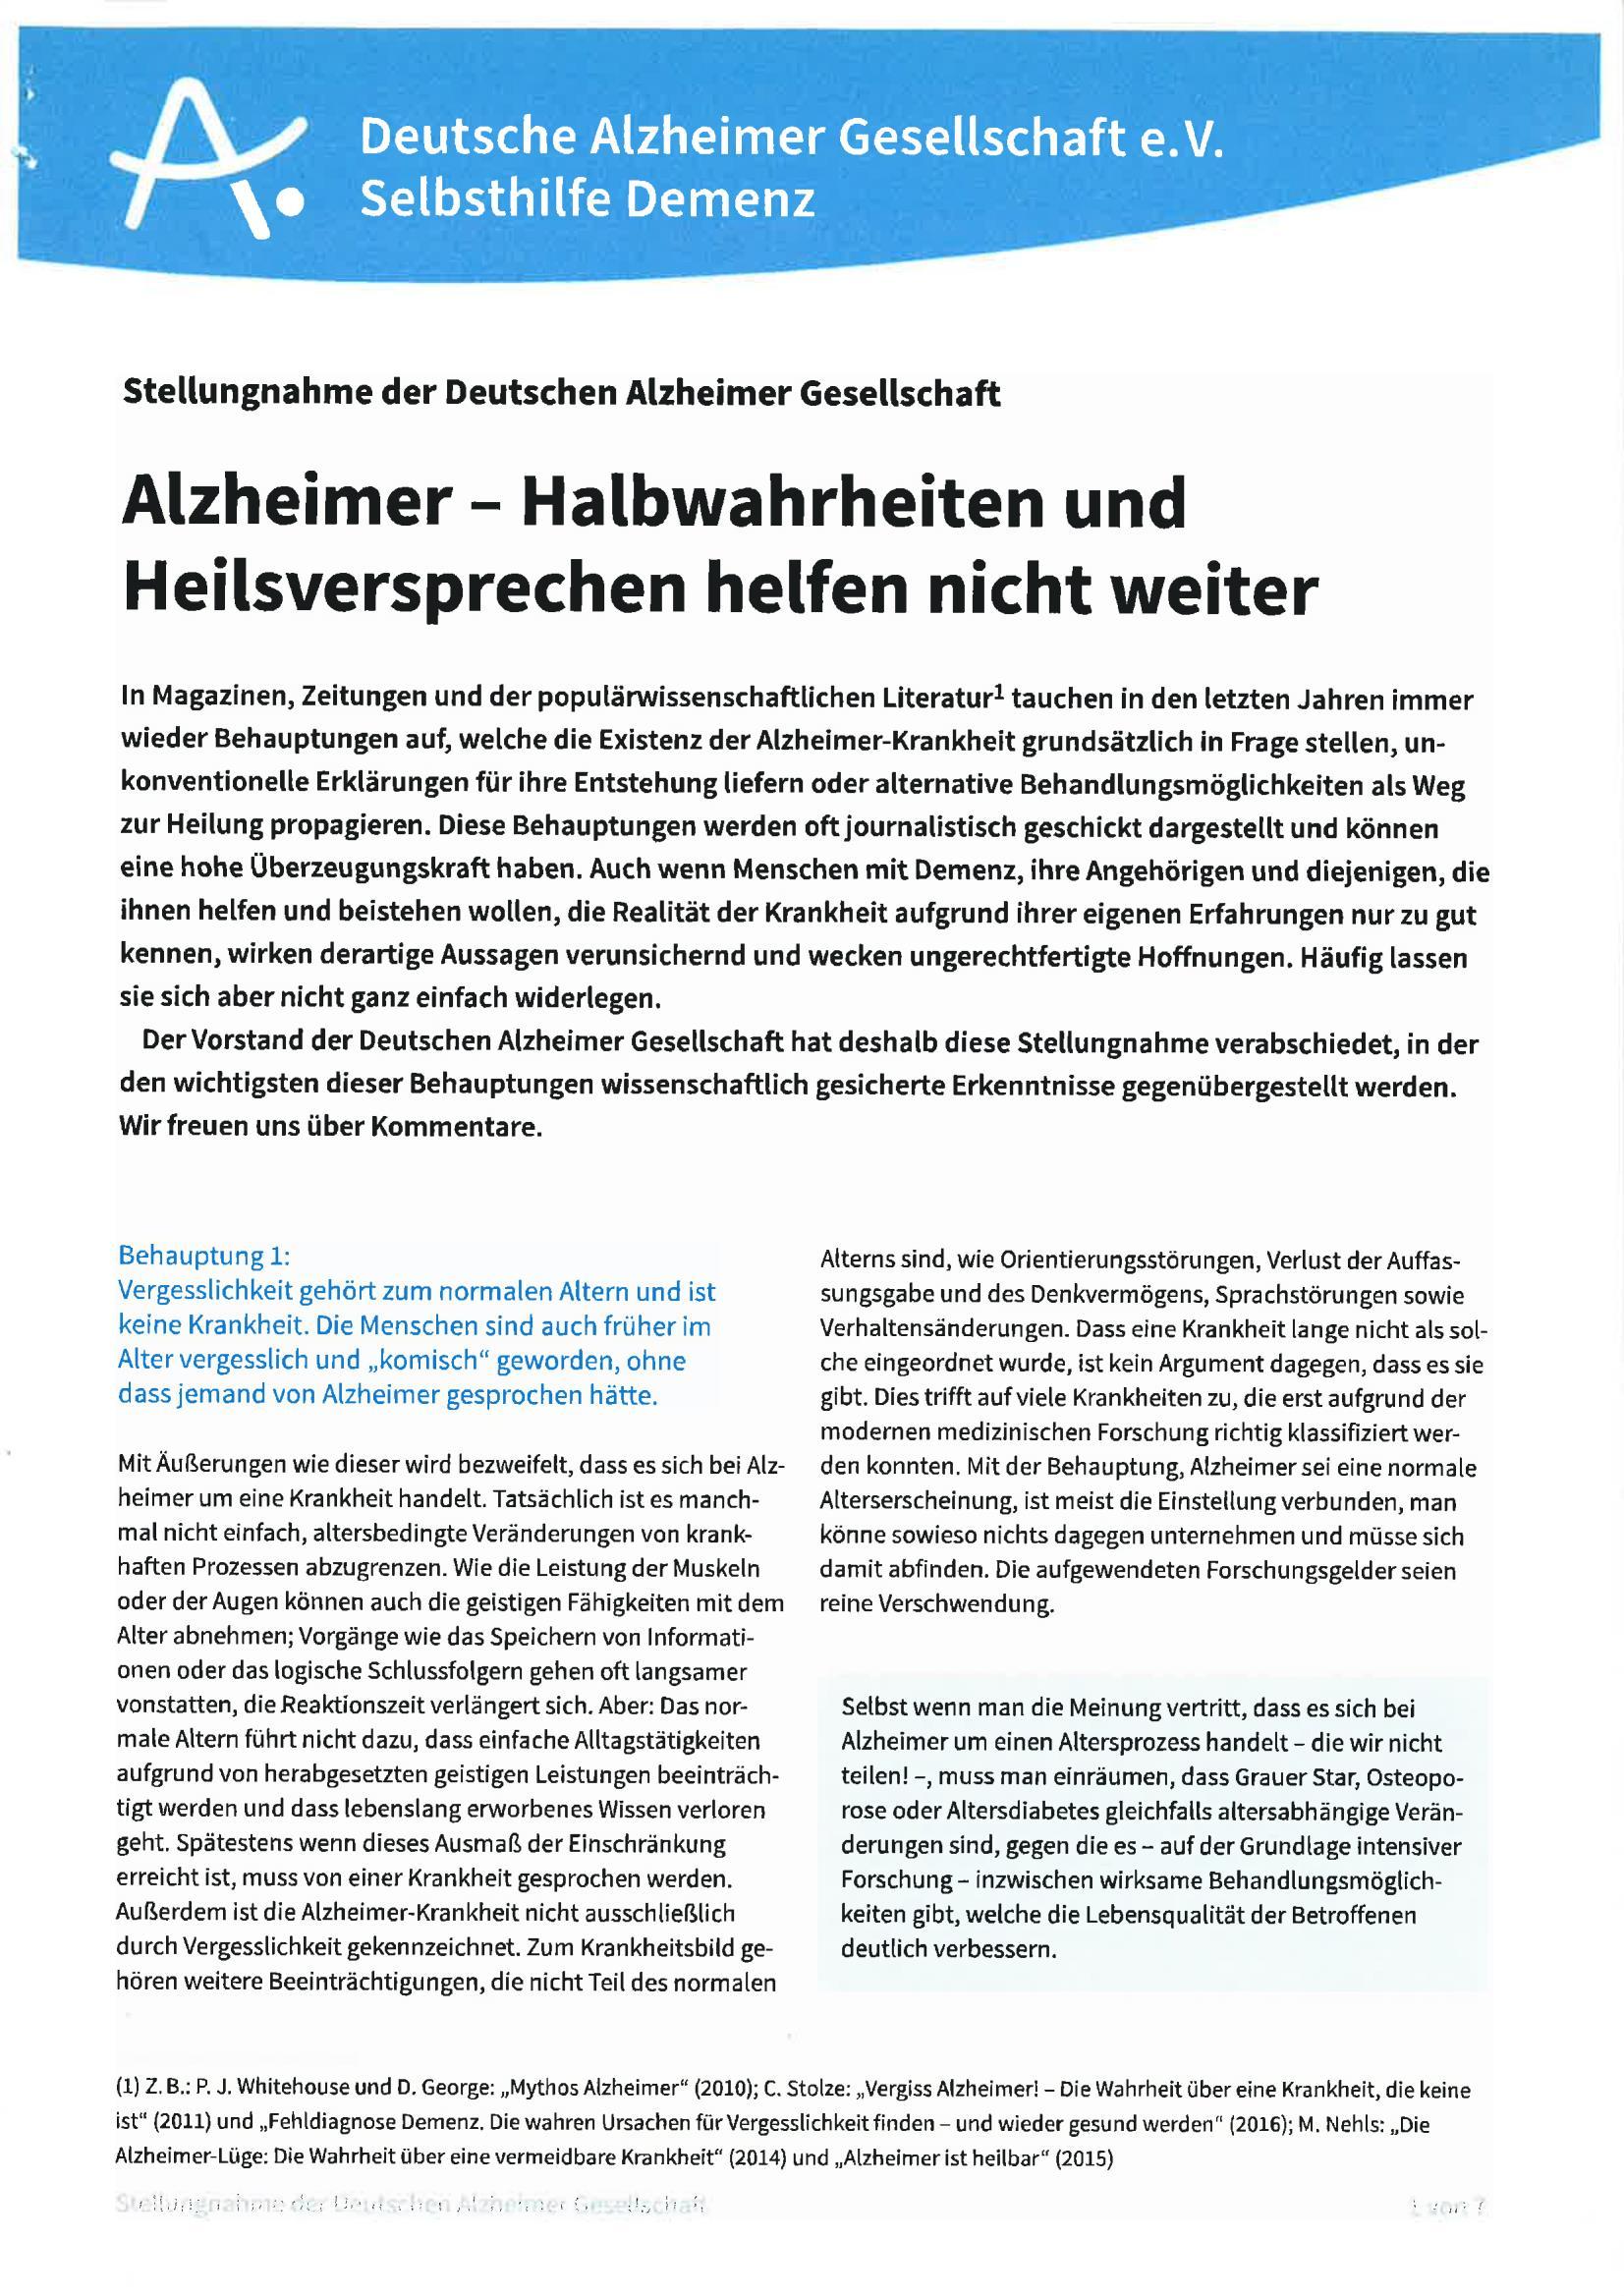 Alzheimer - Halbwahrheiten und Heilsversprechen helfen nicht weiter